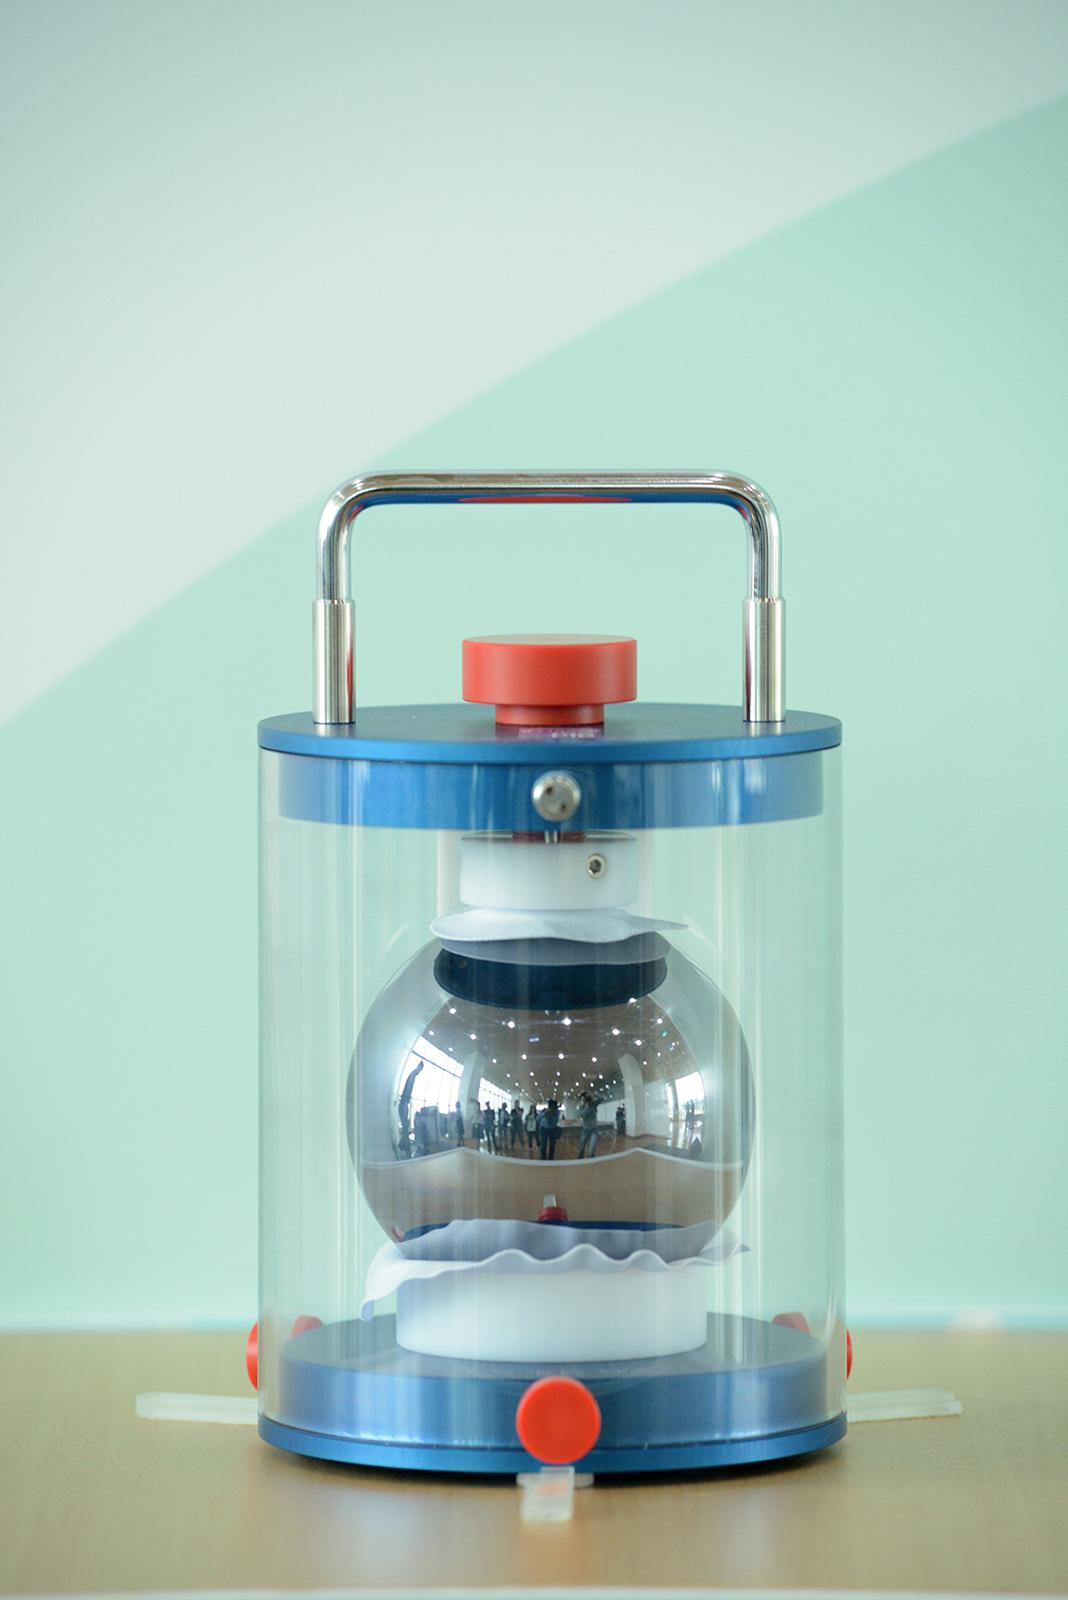 「公斤」將重新定義!秘密就藏在這顆矽晶球裡